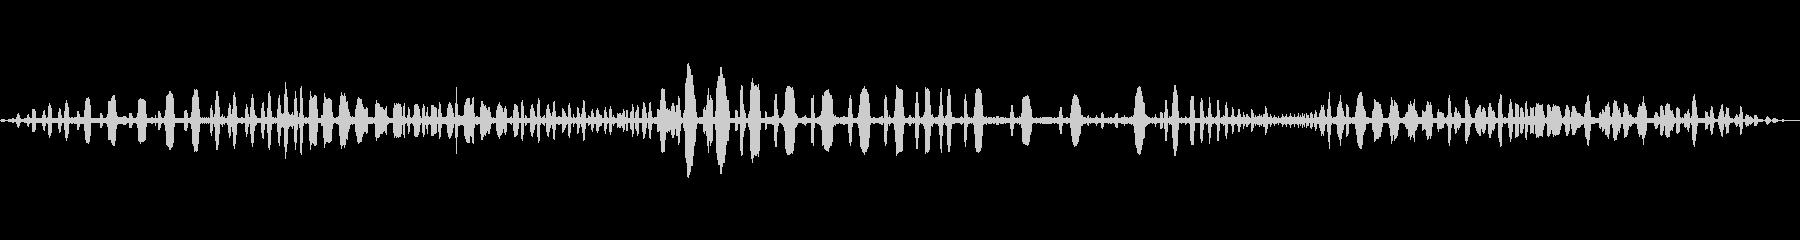 海鳥のさえずりの未再生の波形